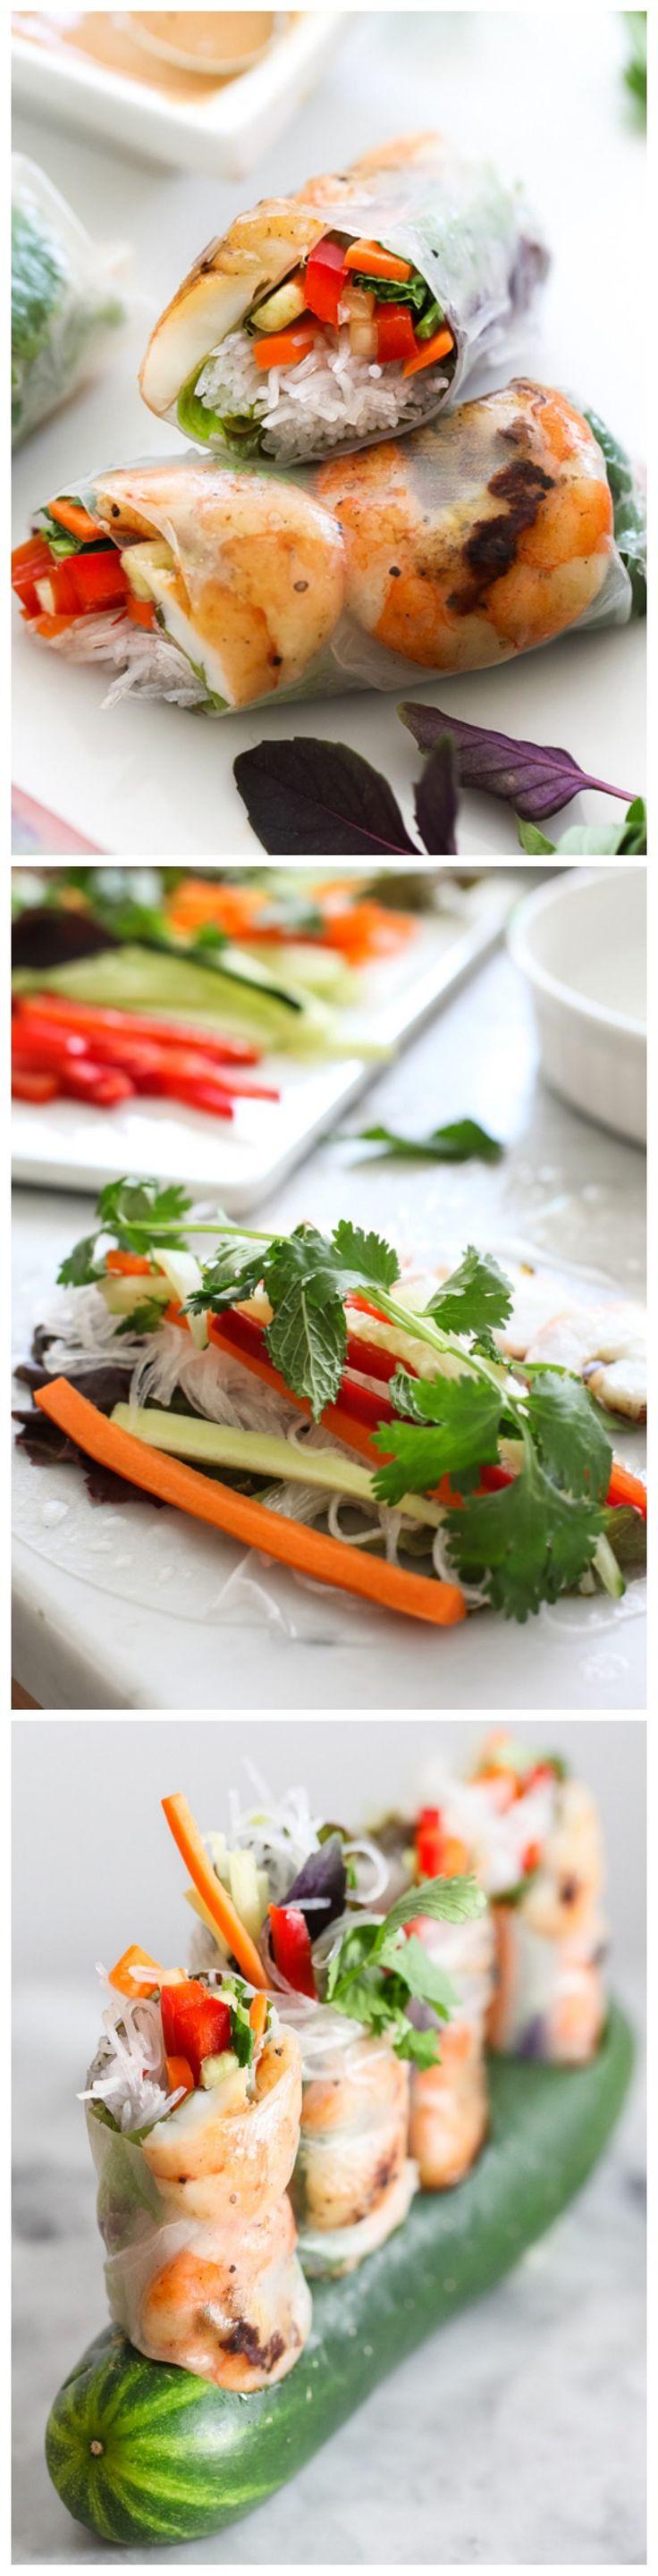 Grilled Shrimp Vietnamese Spring Rolls with two dipping sauces and lots of fresh crunch. Très bonne sauce aux arachides épicés!